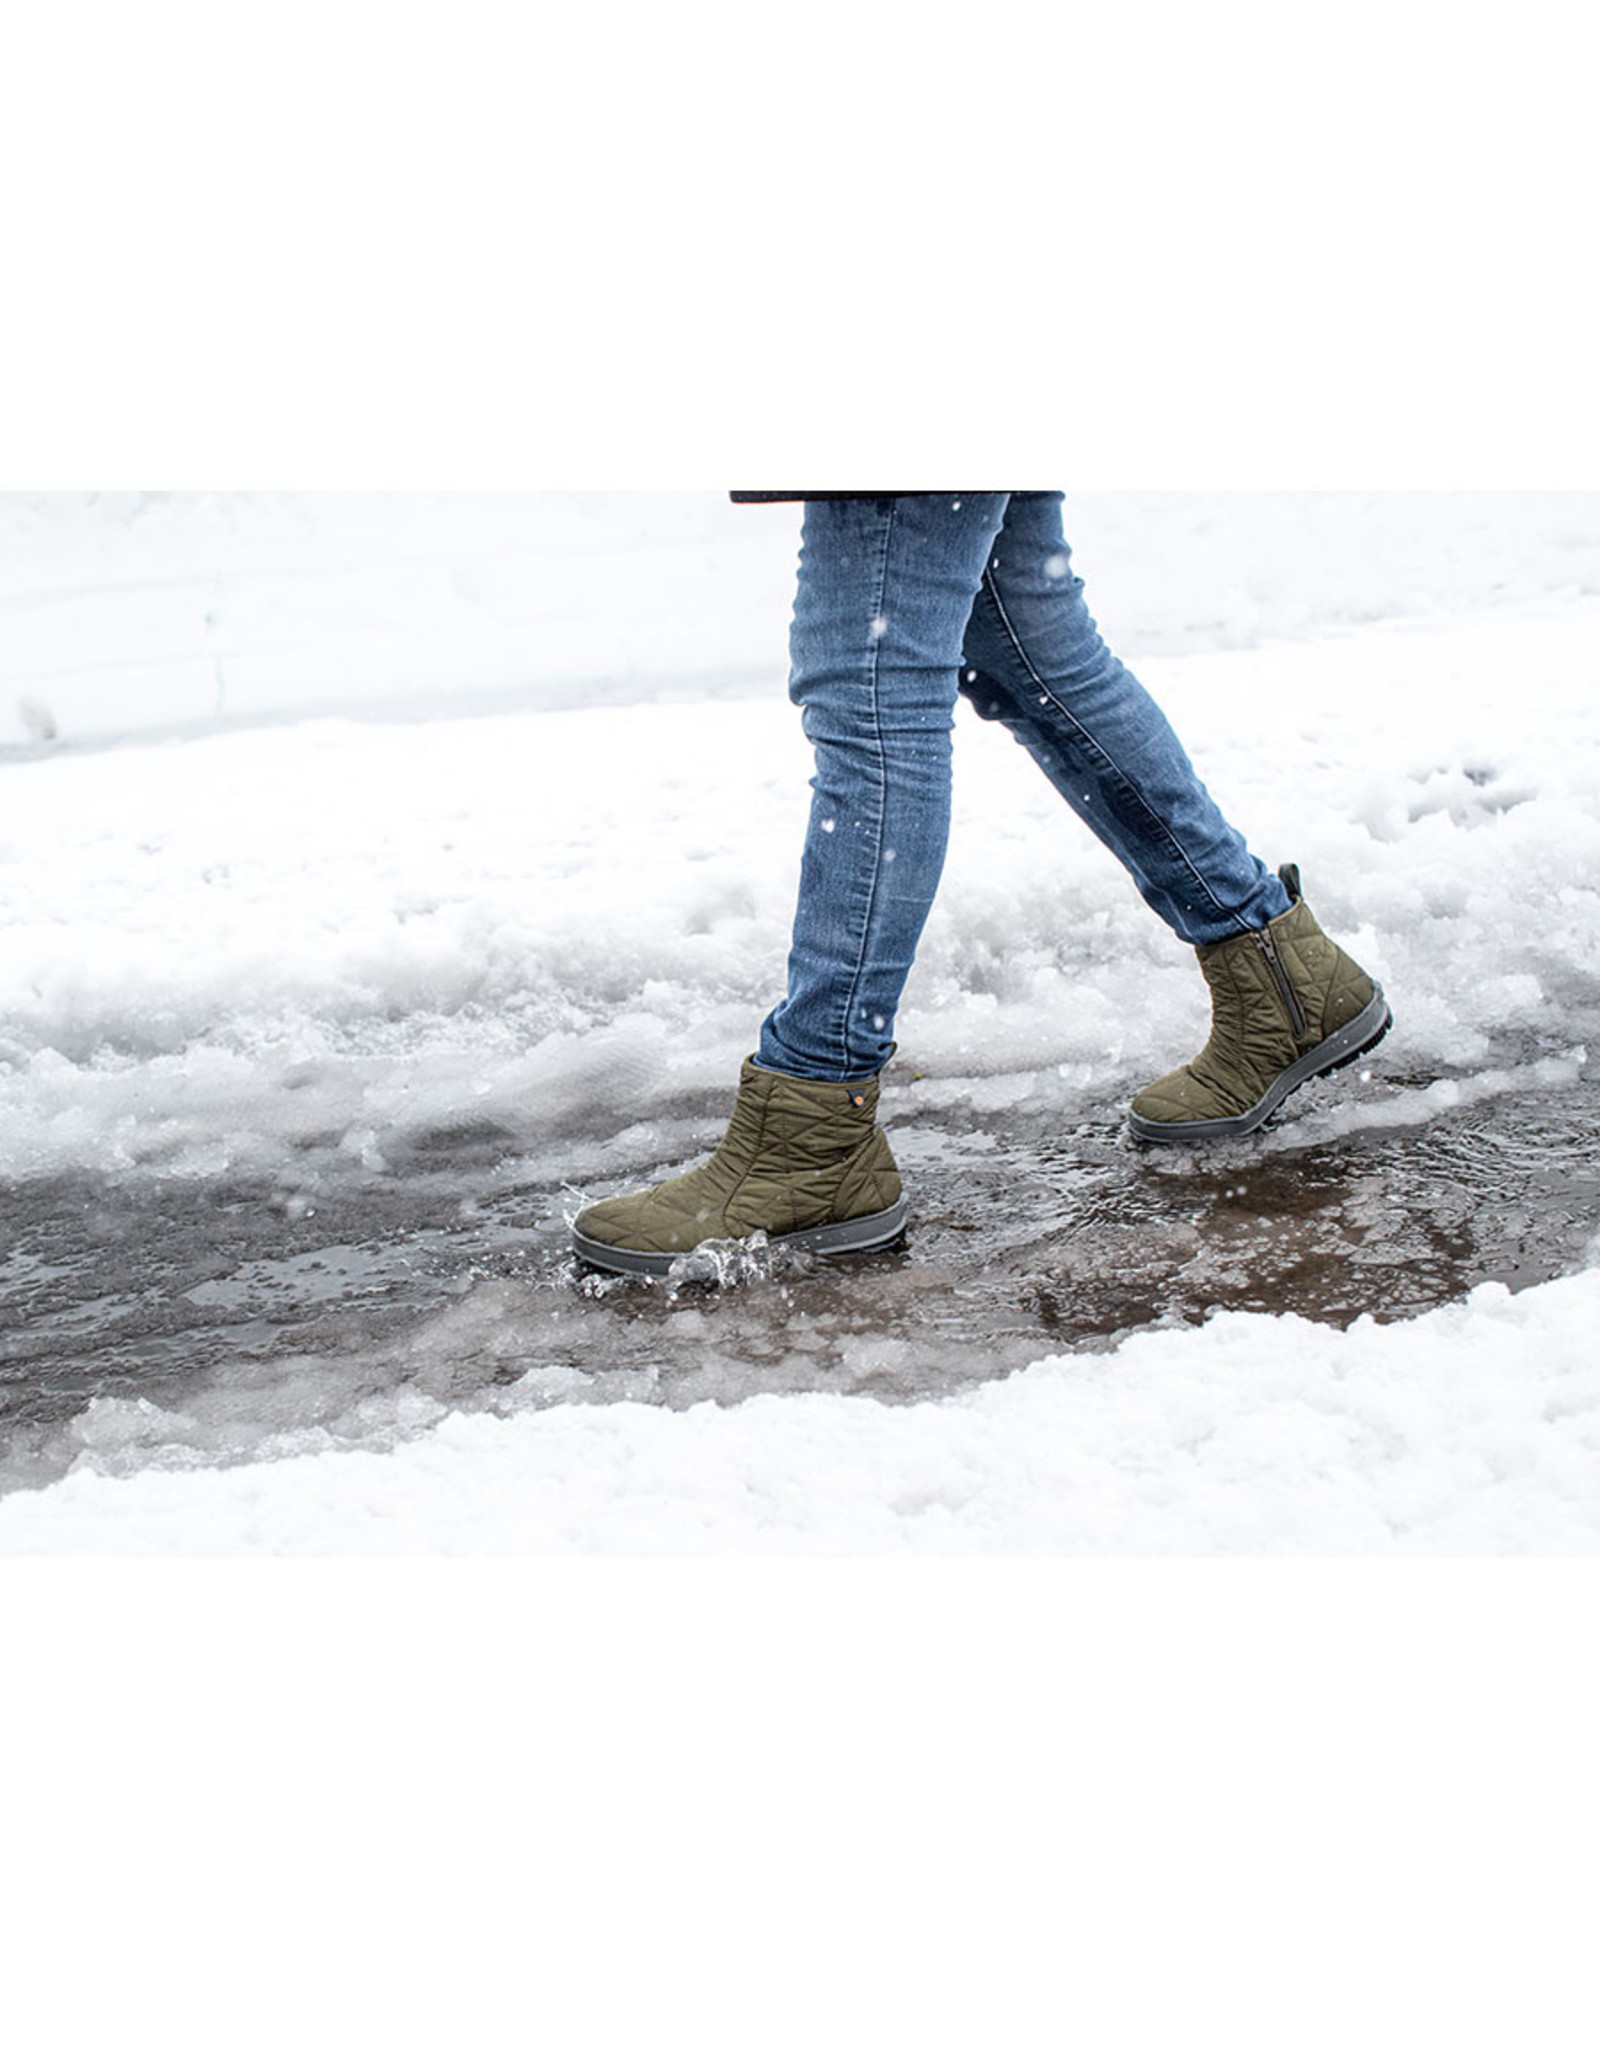 BOGS WOMEN'S SNOWDAY LOW BOOT-WINE